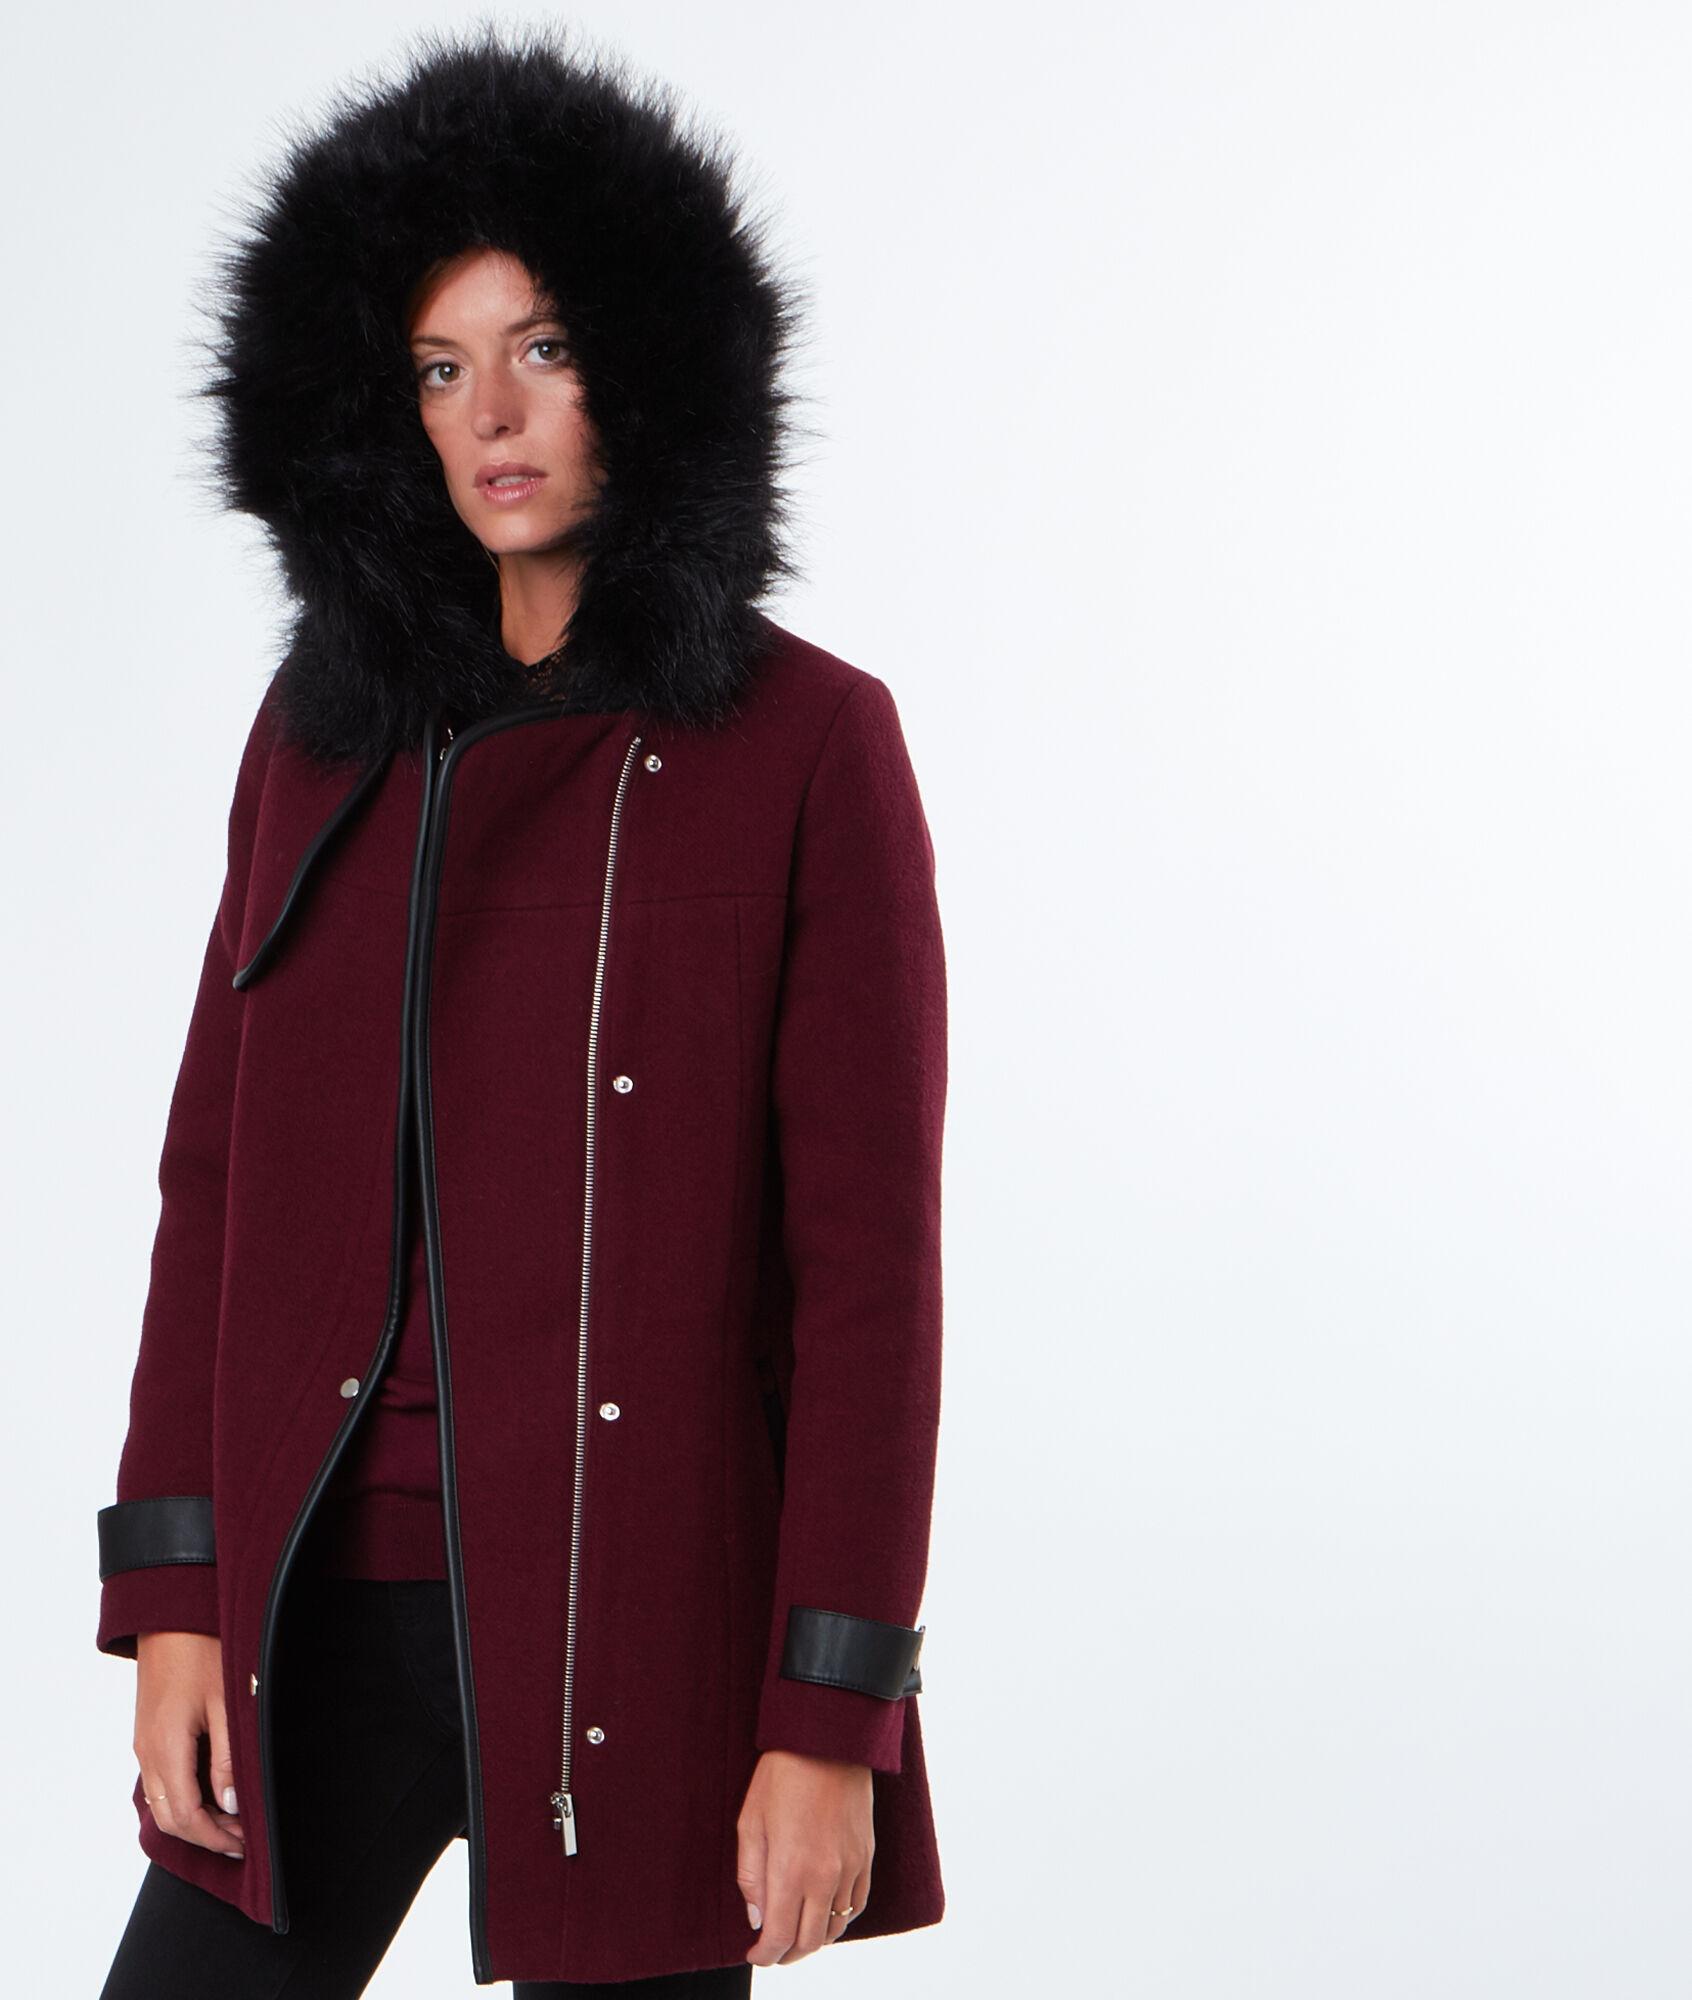 Manteau laine femme bordeaux